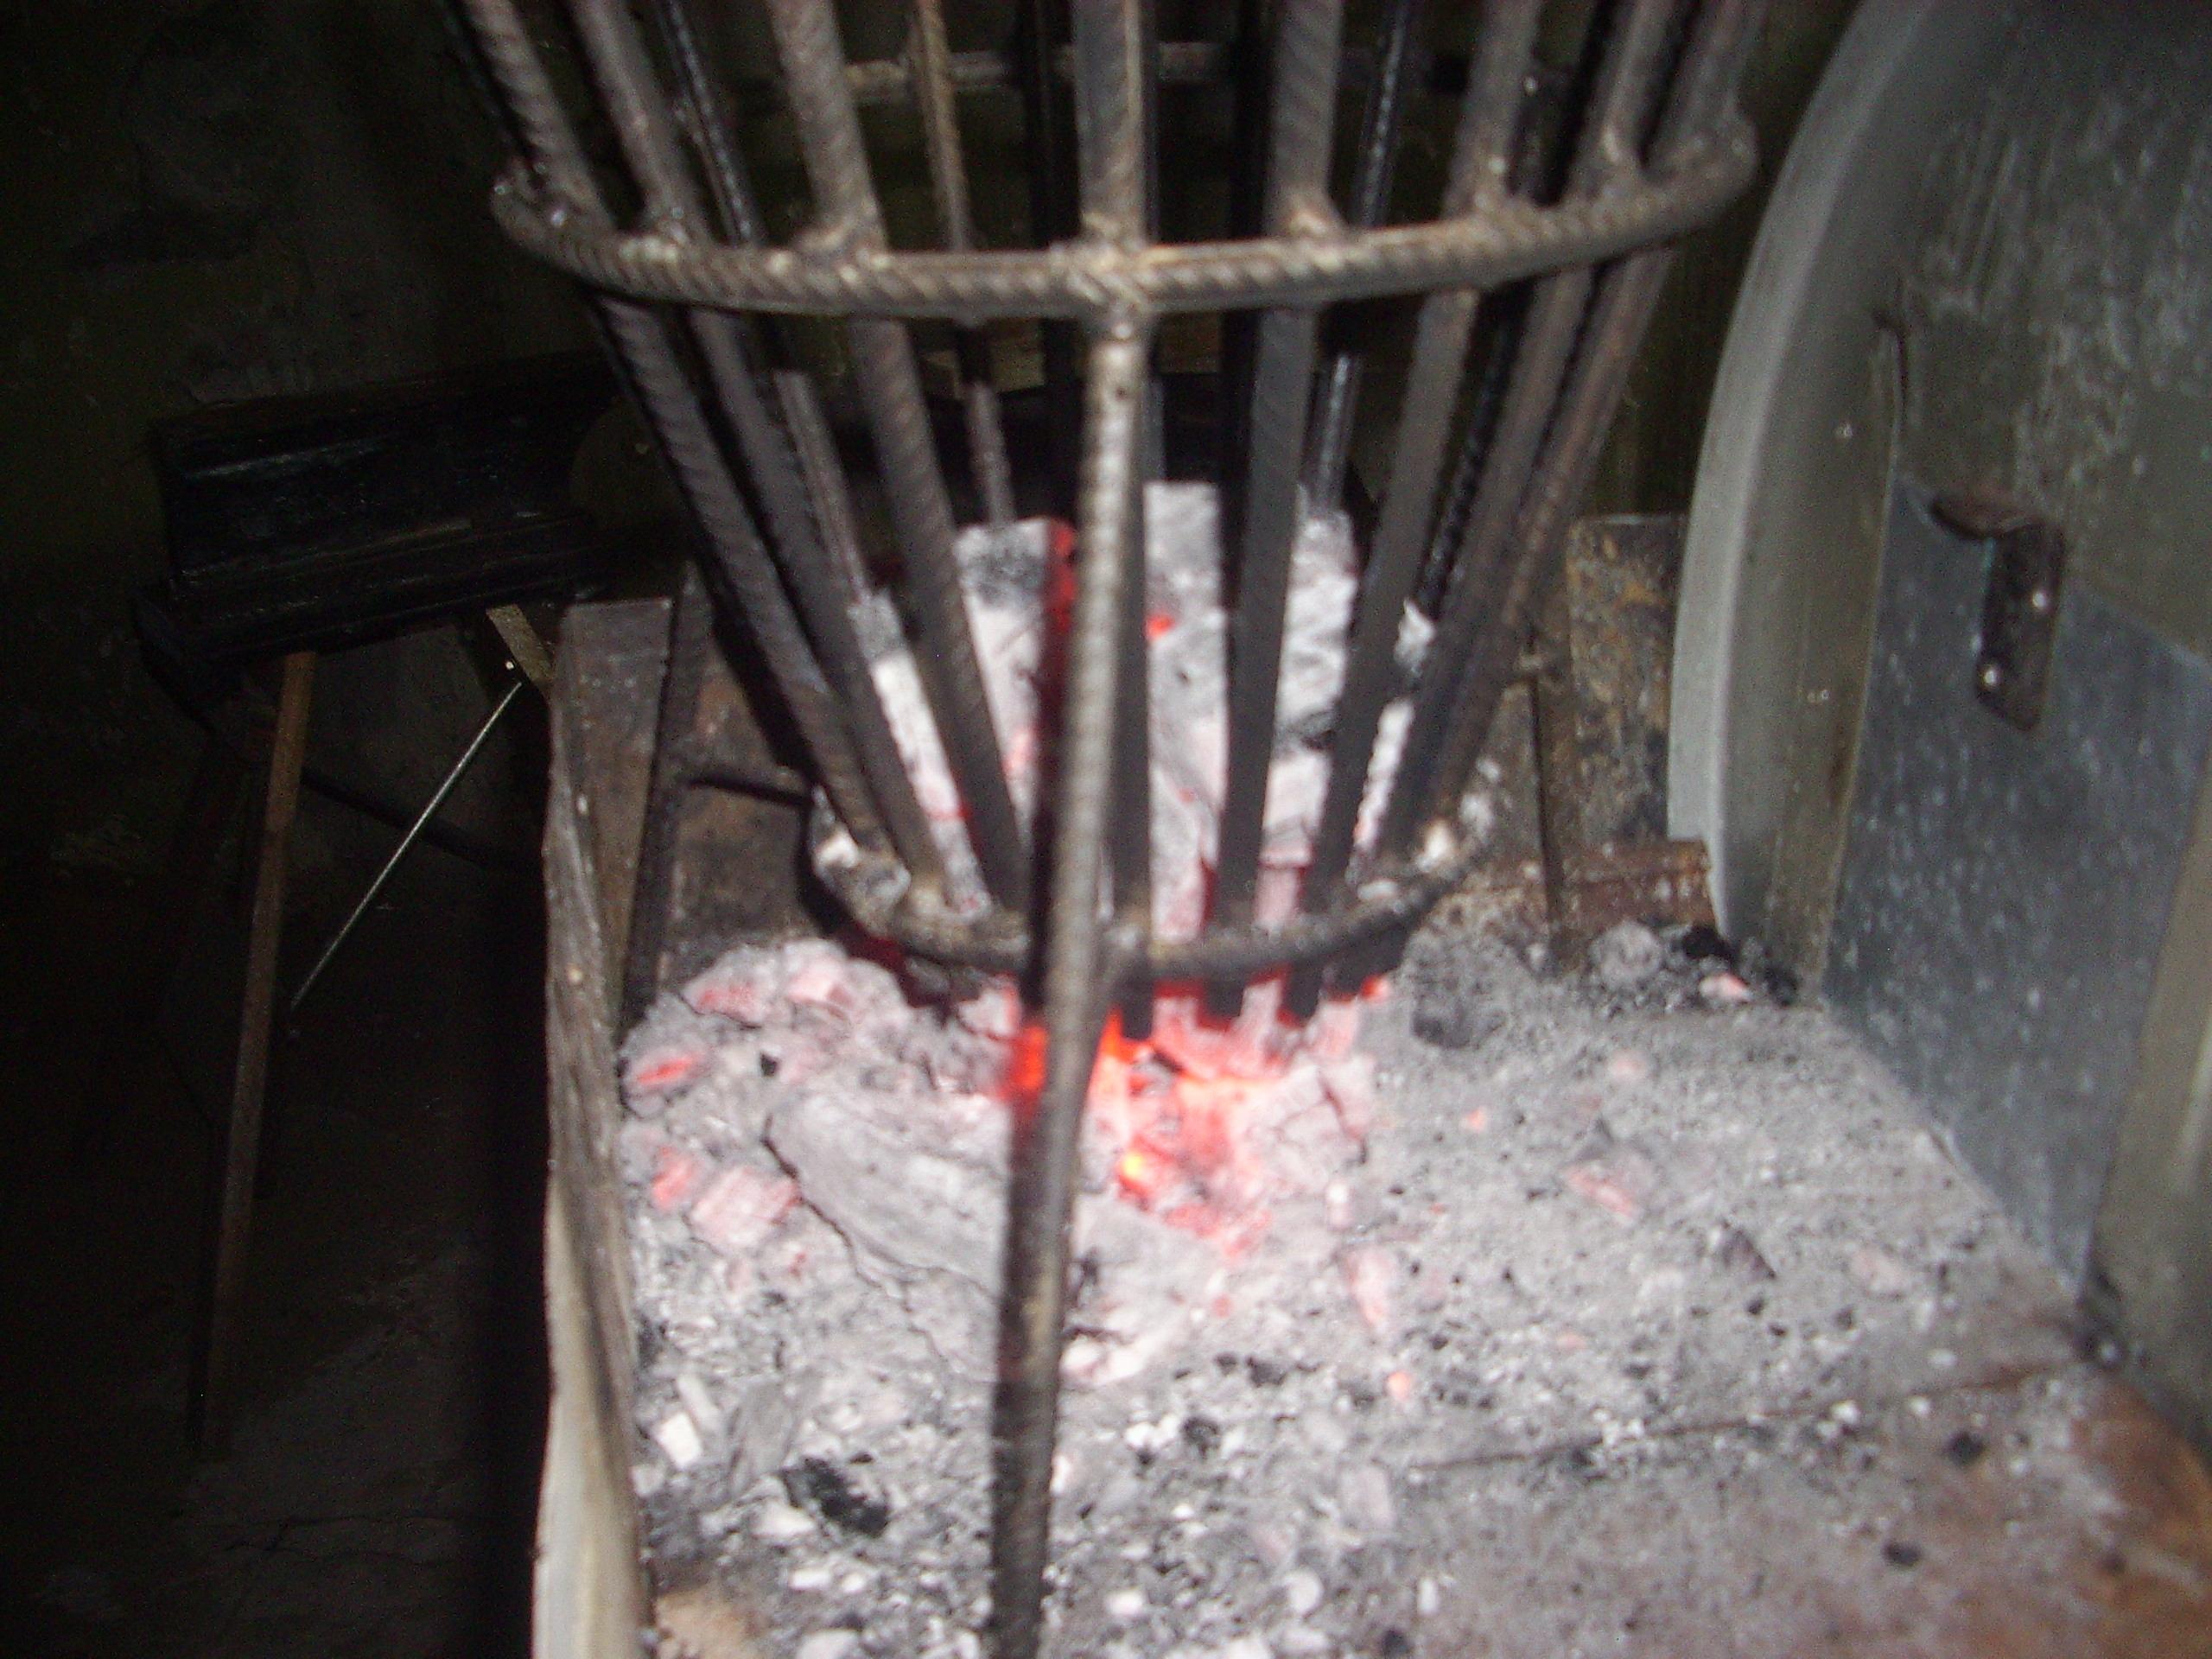 Picture of El Cesto-tolva Para El Fuego Y Las Brasas (basket-hopper to Make Embers)